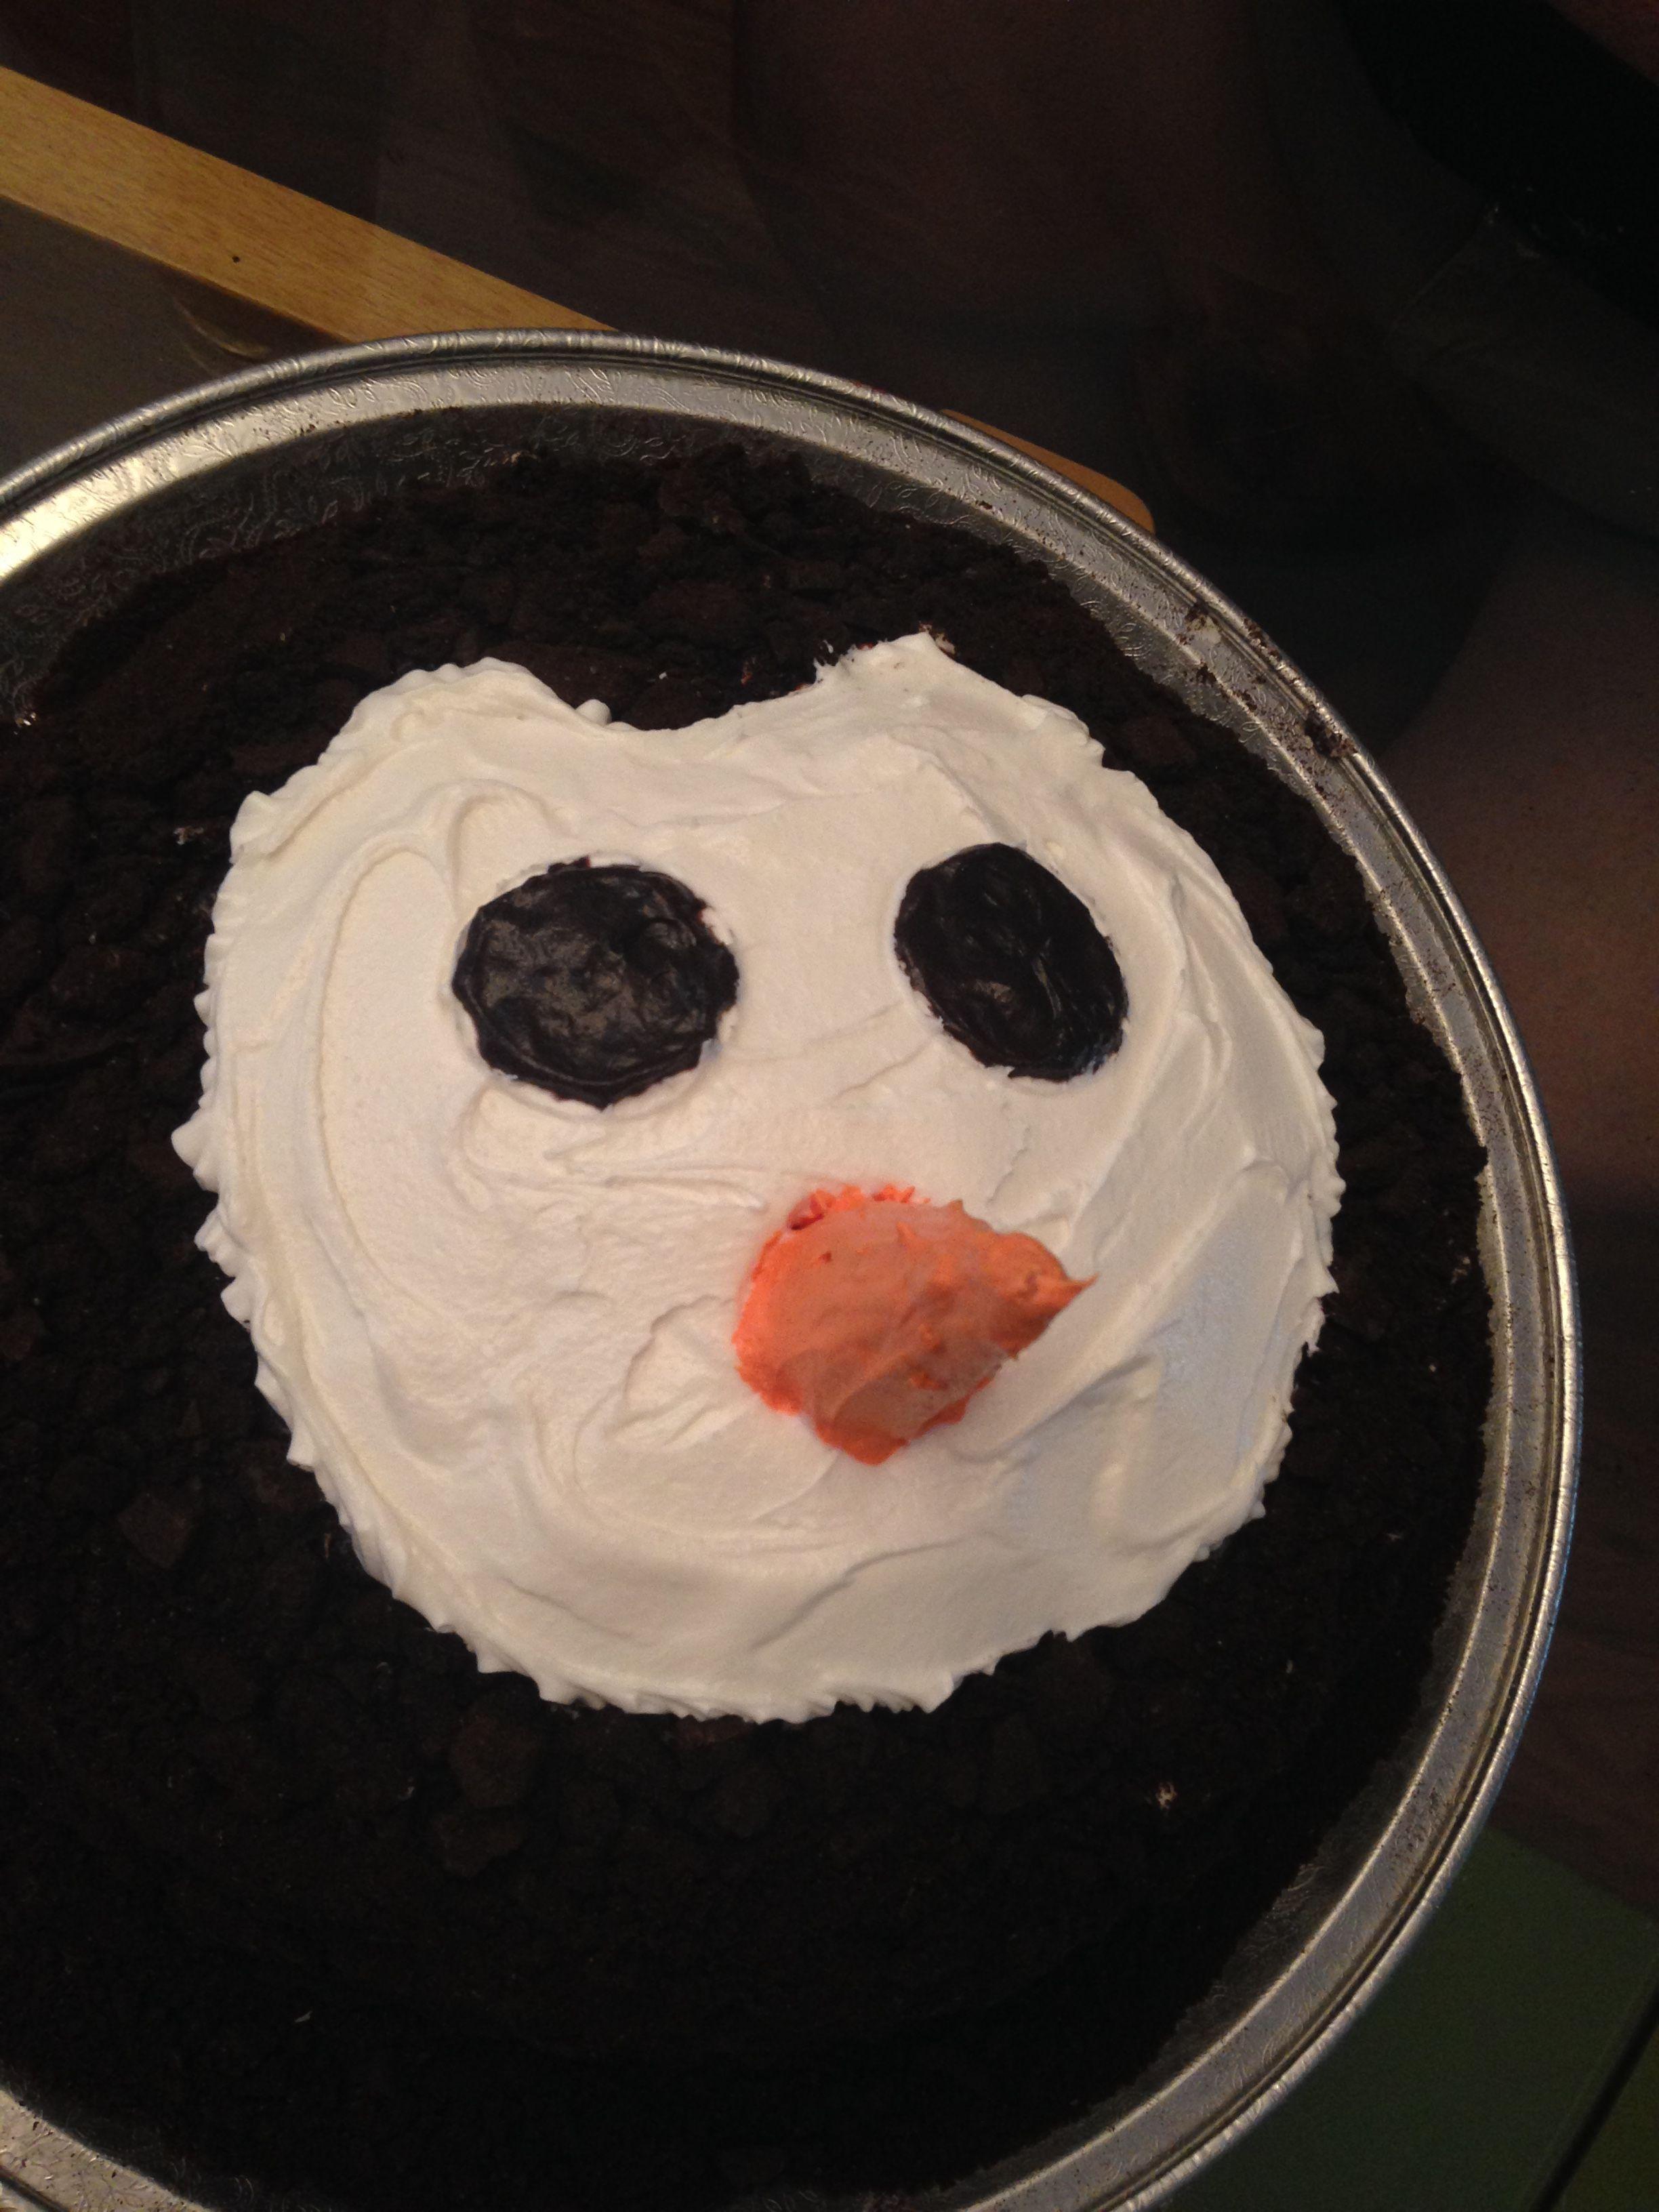 Feller S Cake Bake